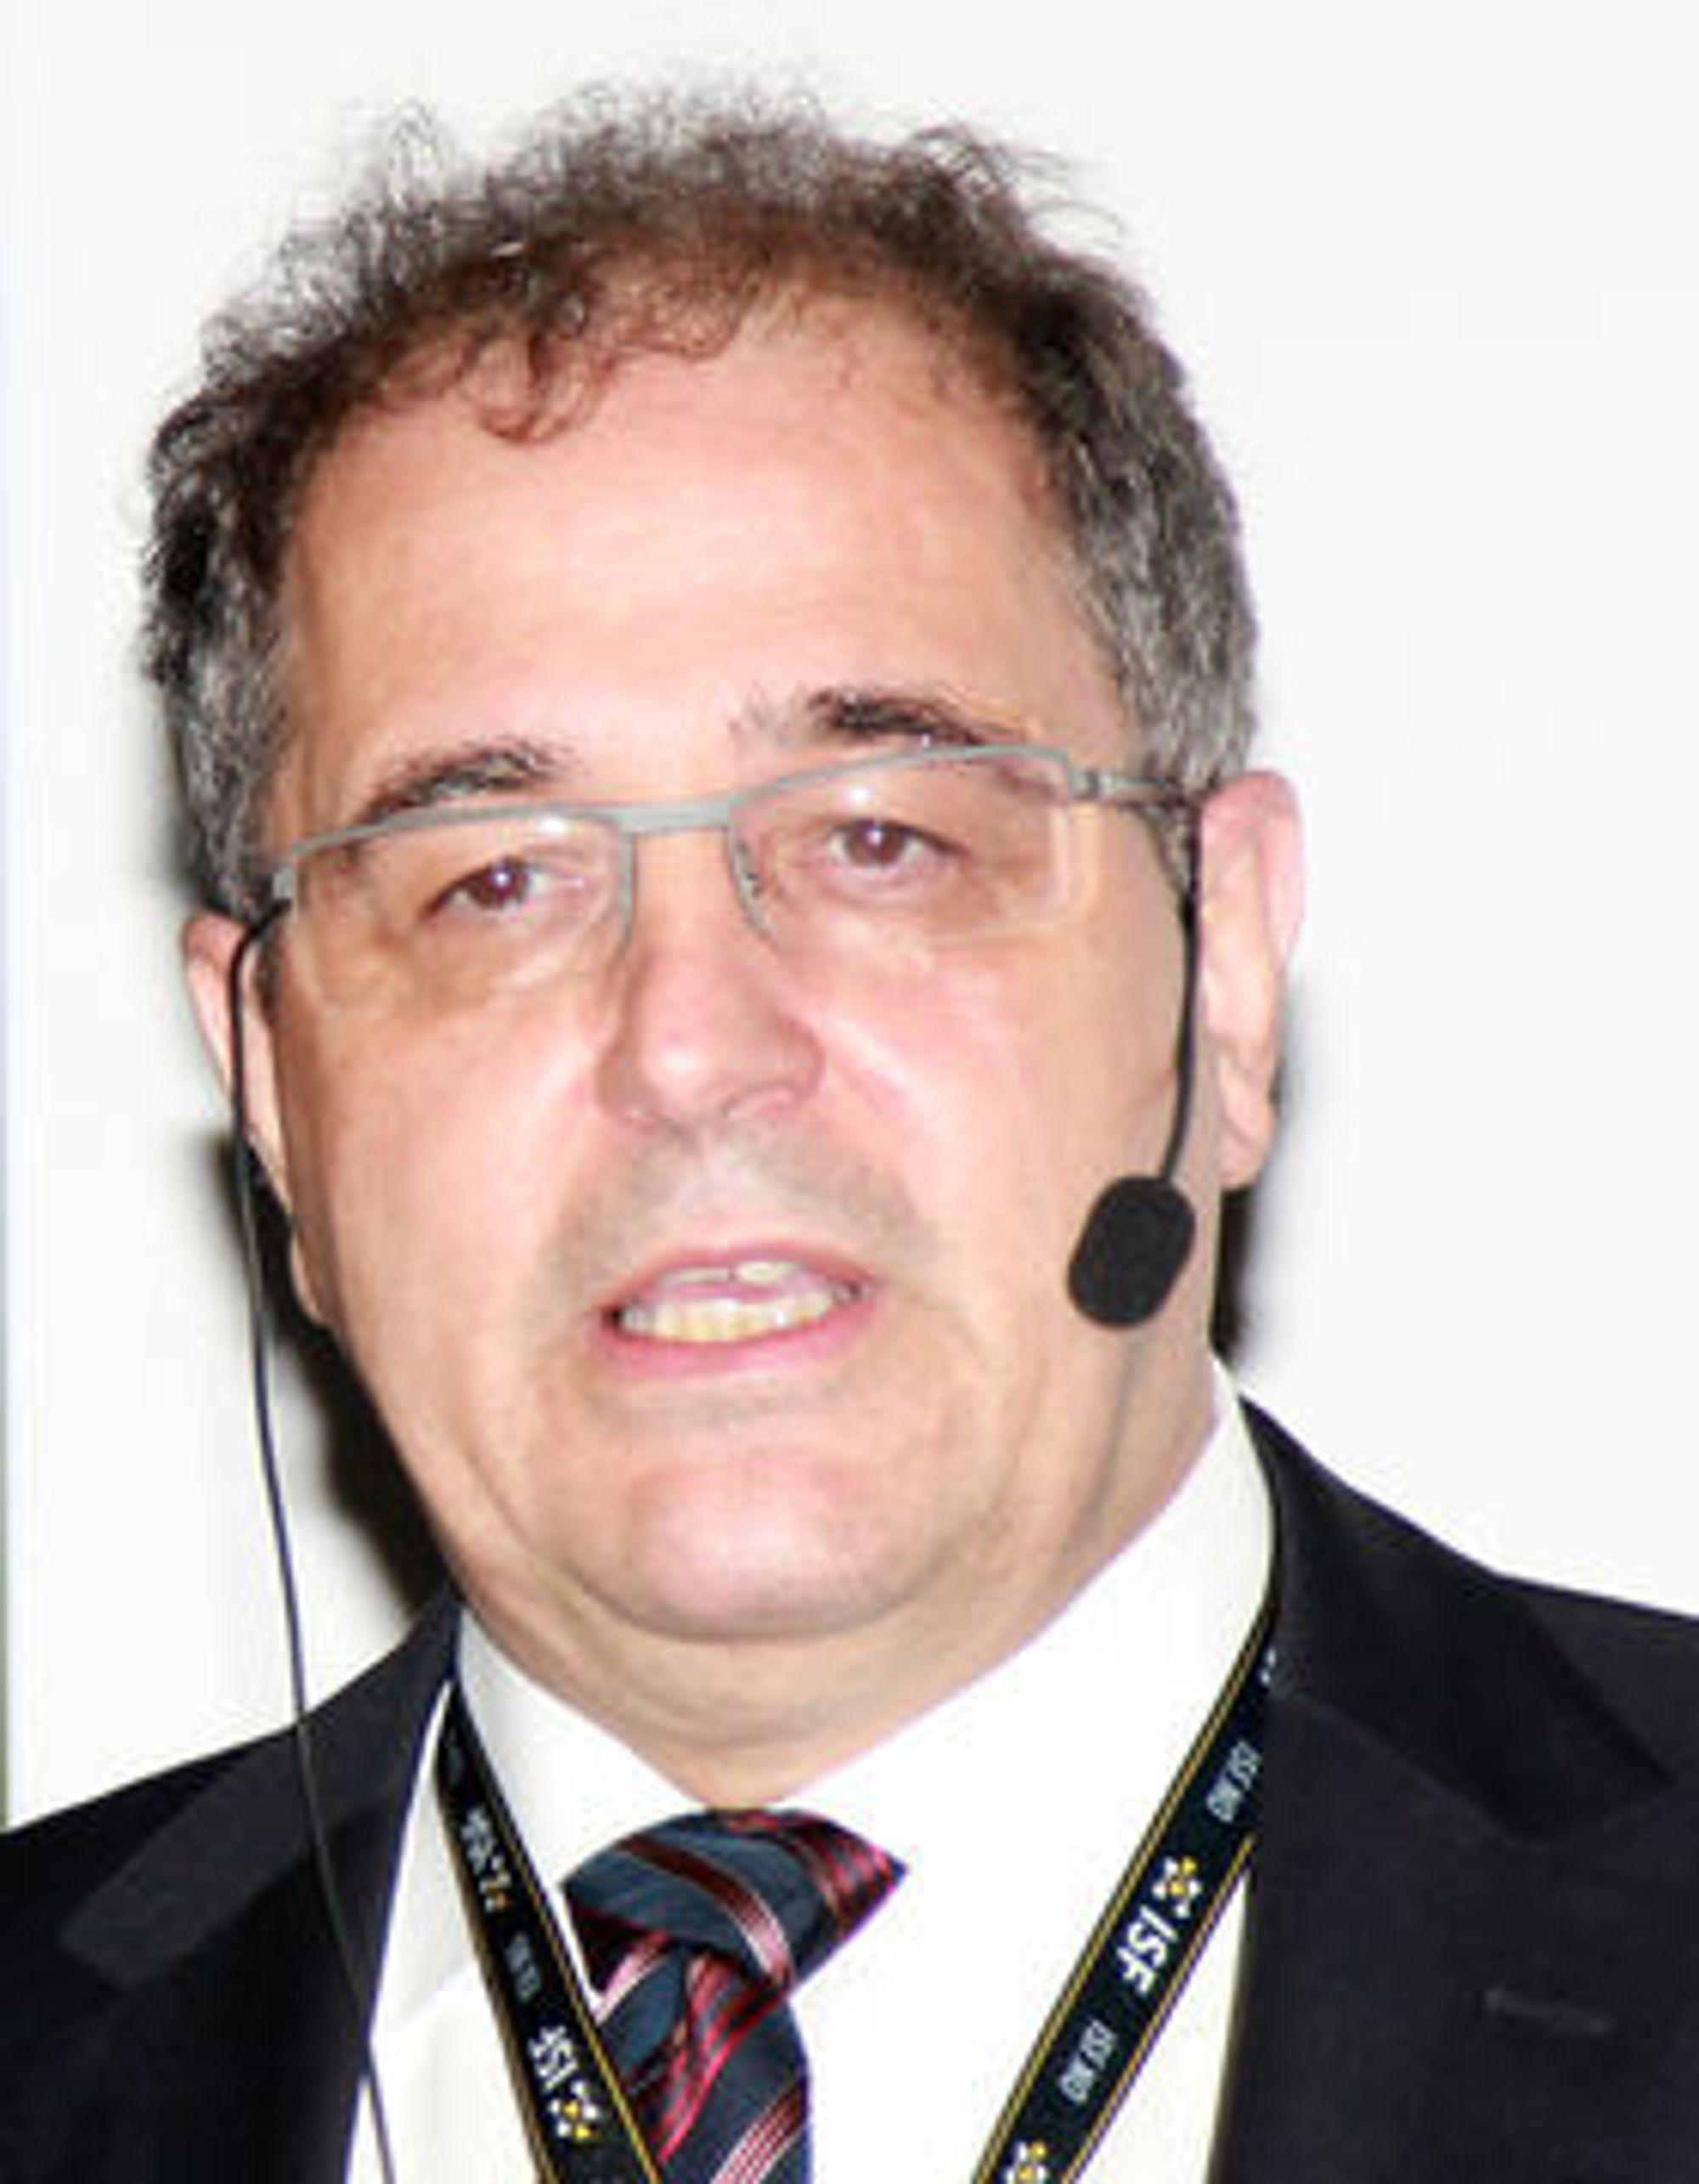 Christoph Fischer har jobbet med IT-sikkerhet siden 1985. I 1987 etablerte han  MicroBIT Virus Center ved Universitetet i Karlsruhe, som var det Tysklands første CERT. I 1990 grunnla han BFK edv-consulting GmbH, som han fortsatt leder.